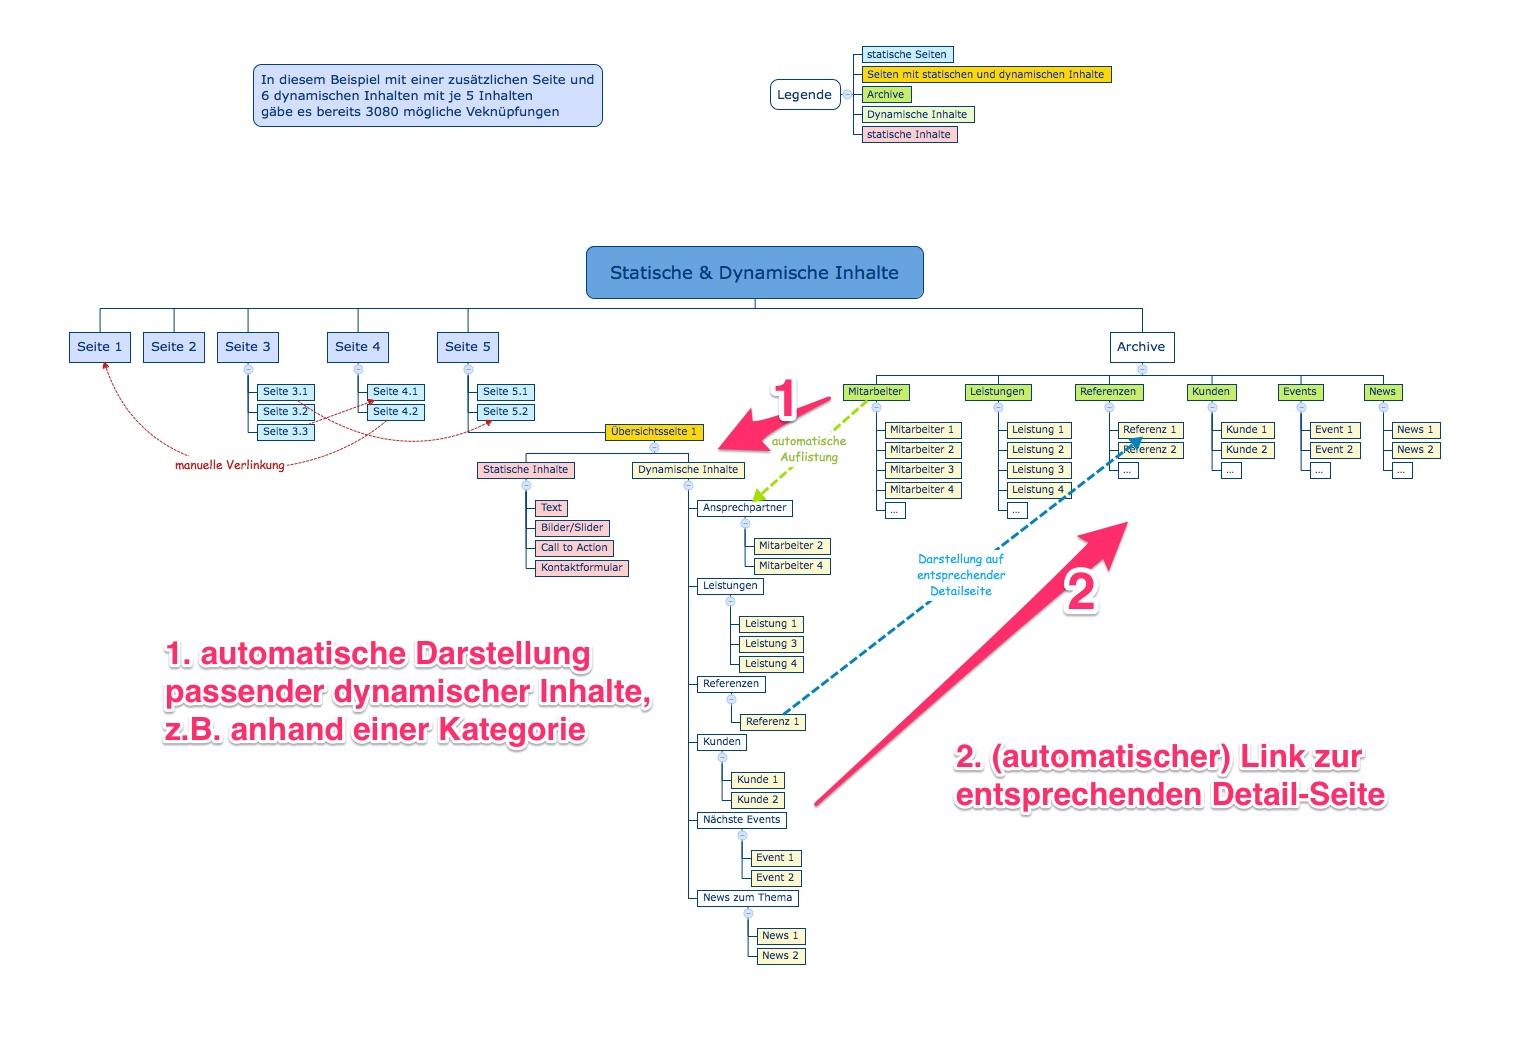 Automatische Darstellung passender dynamischer Inhalte, z.B. anhand einer Kategorie und (automatische) Links zur entsprechenden Detail-Seite